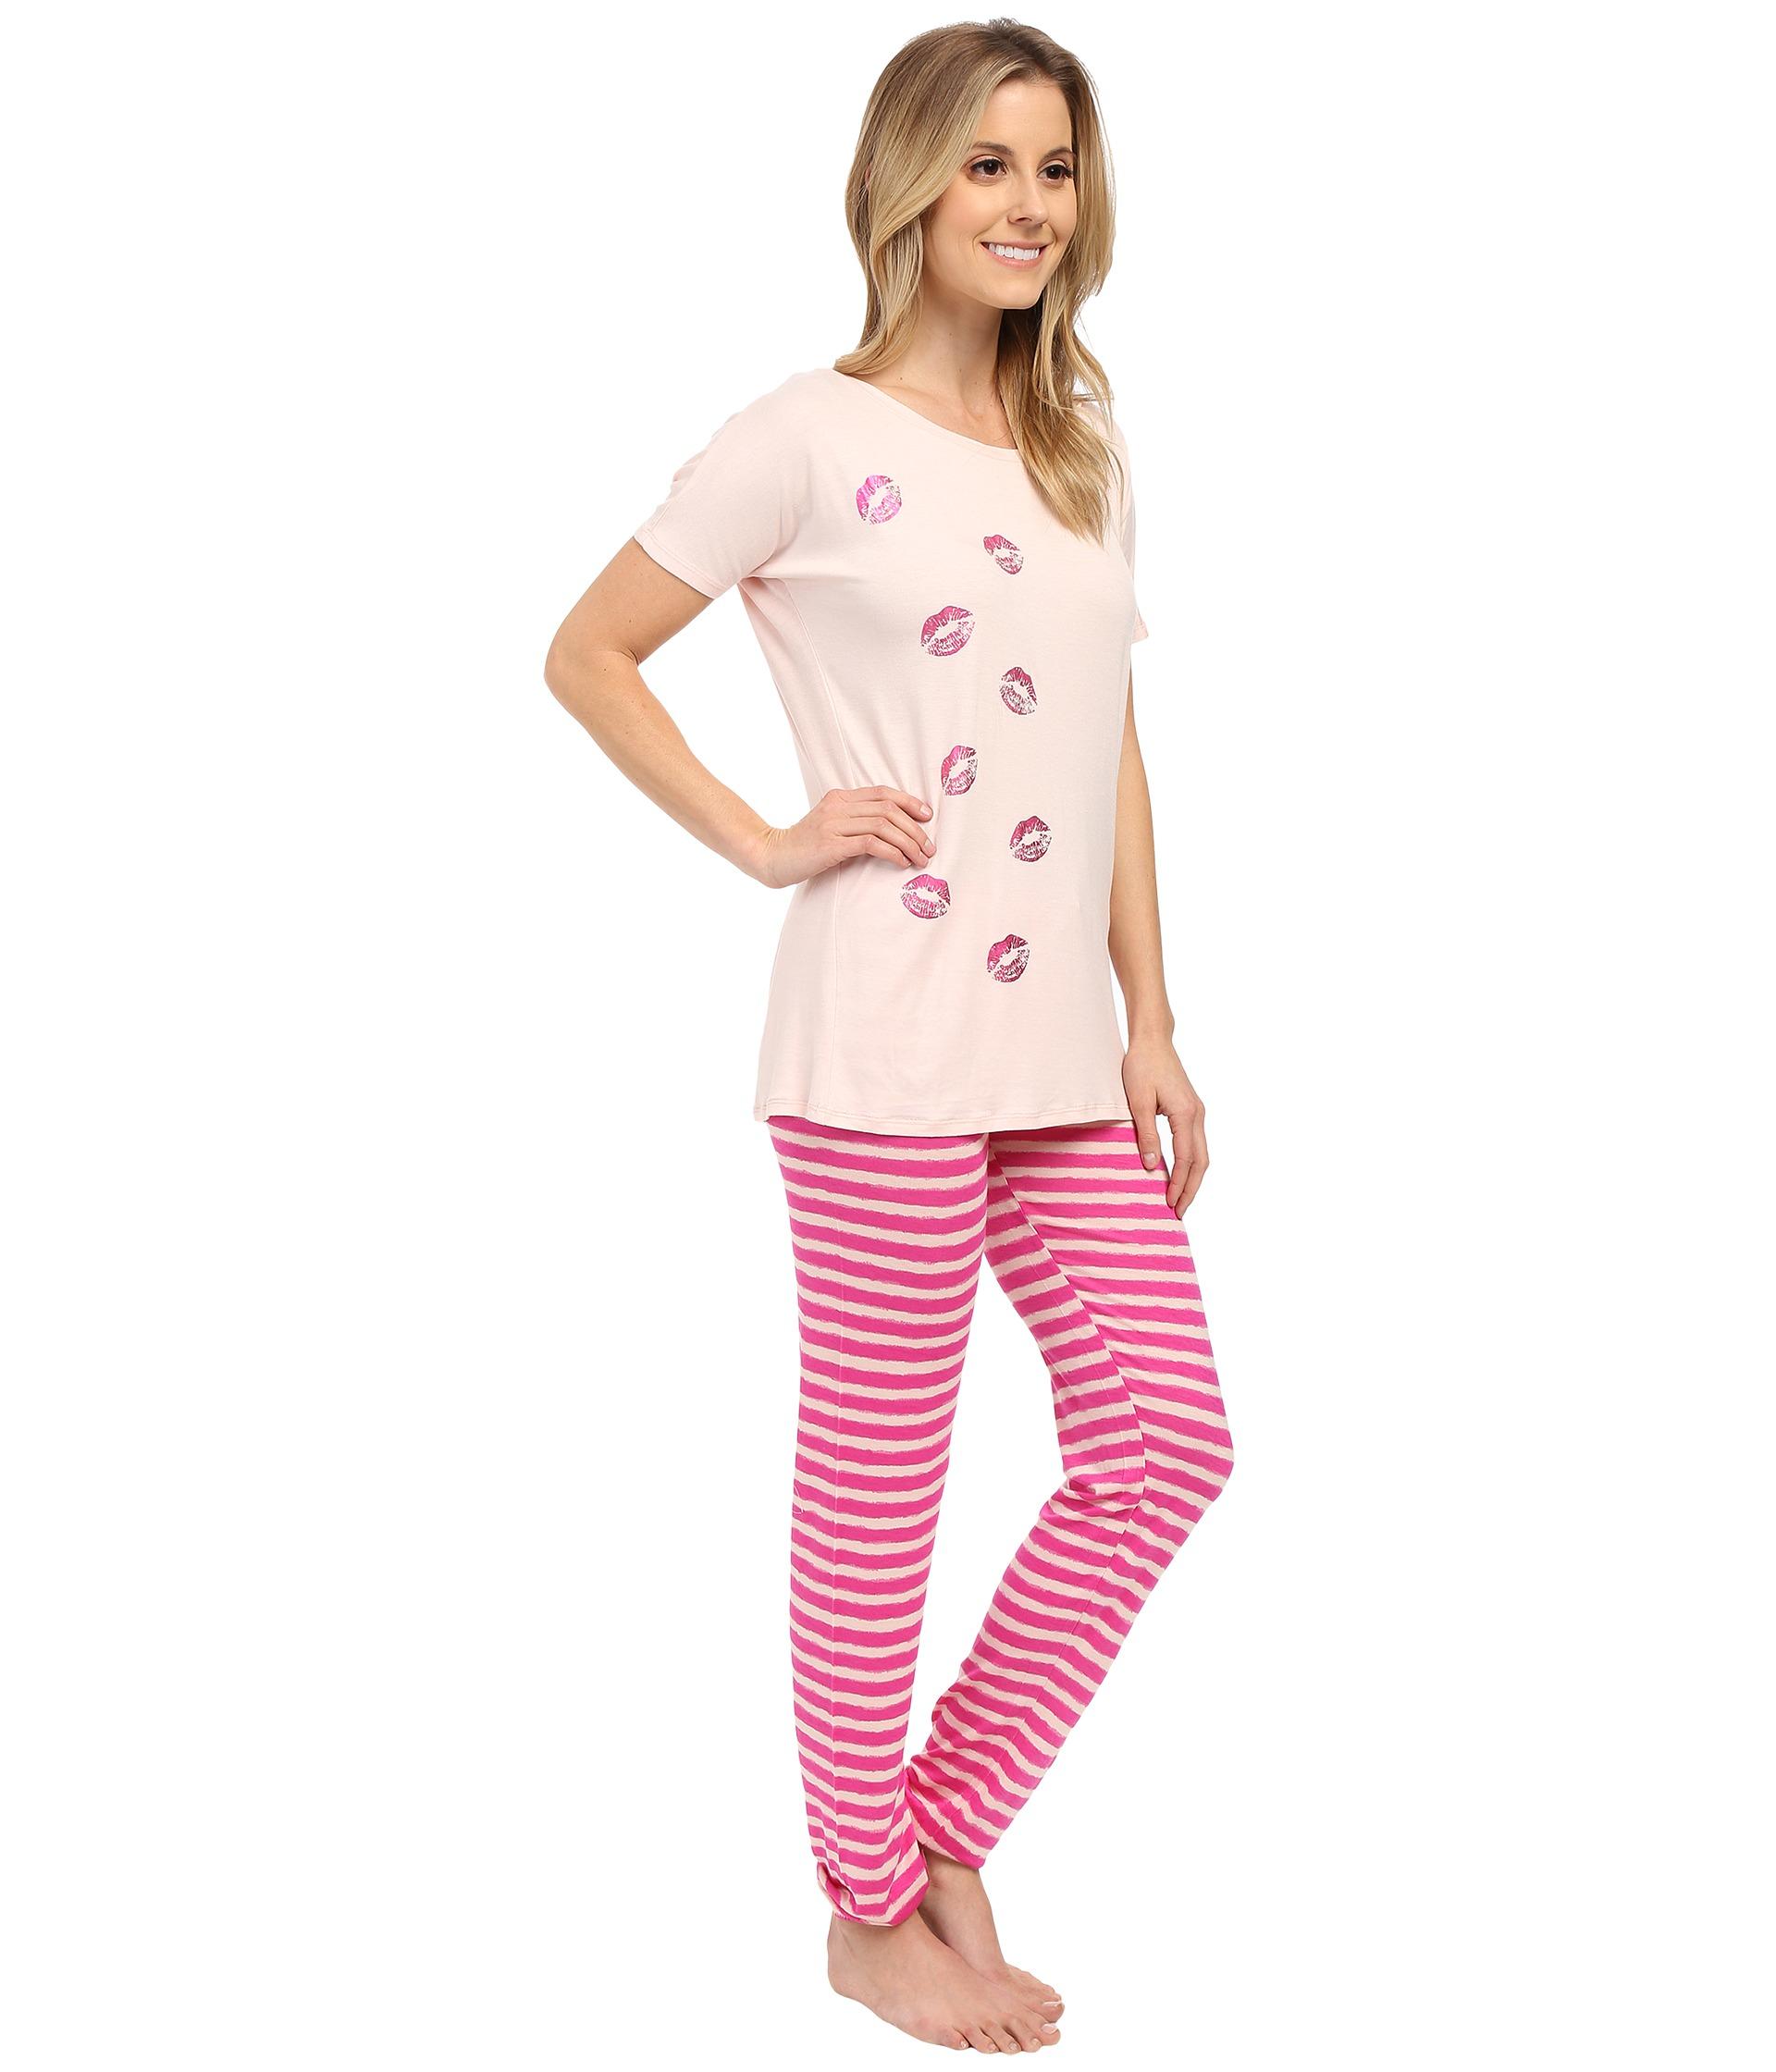 Betsey Johnson Pink Rayon Knit Pajama